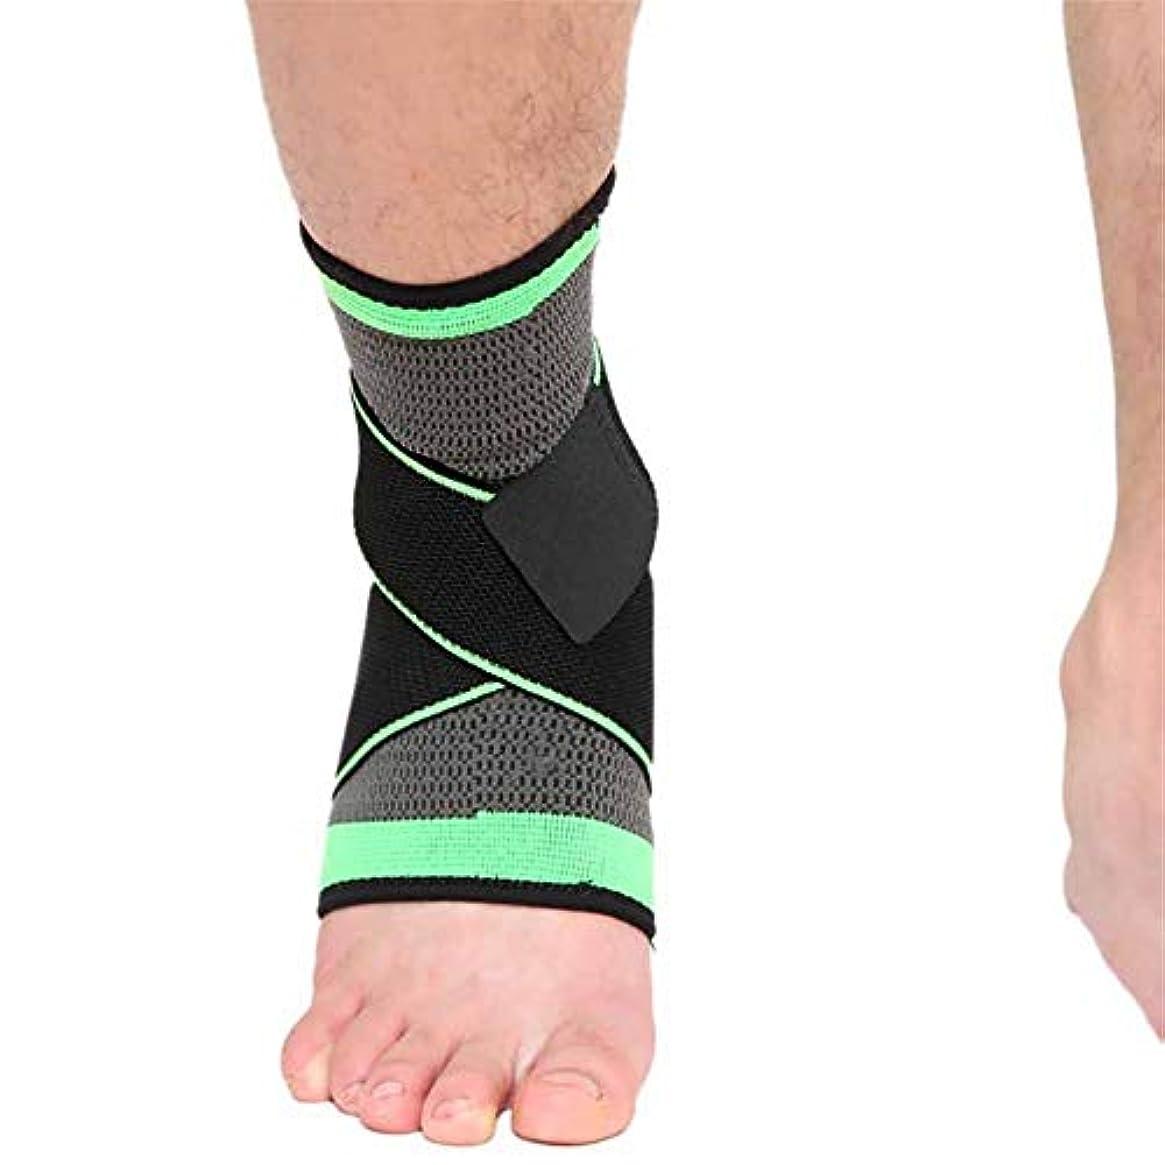 乱れ応答藤色足のかかとの袖の覆いの保護装置、屋外の屋内適性の伸縮性がある通気性のフィートカバー360度は足首サポートを保護します